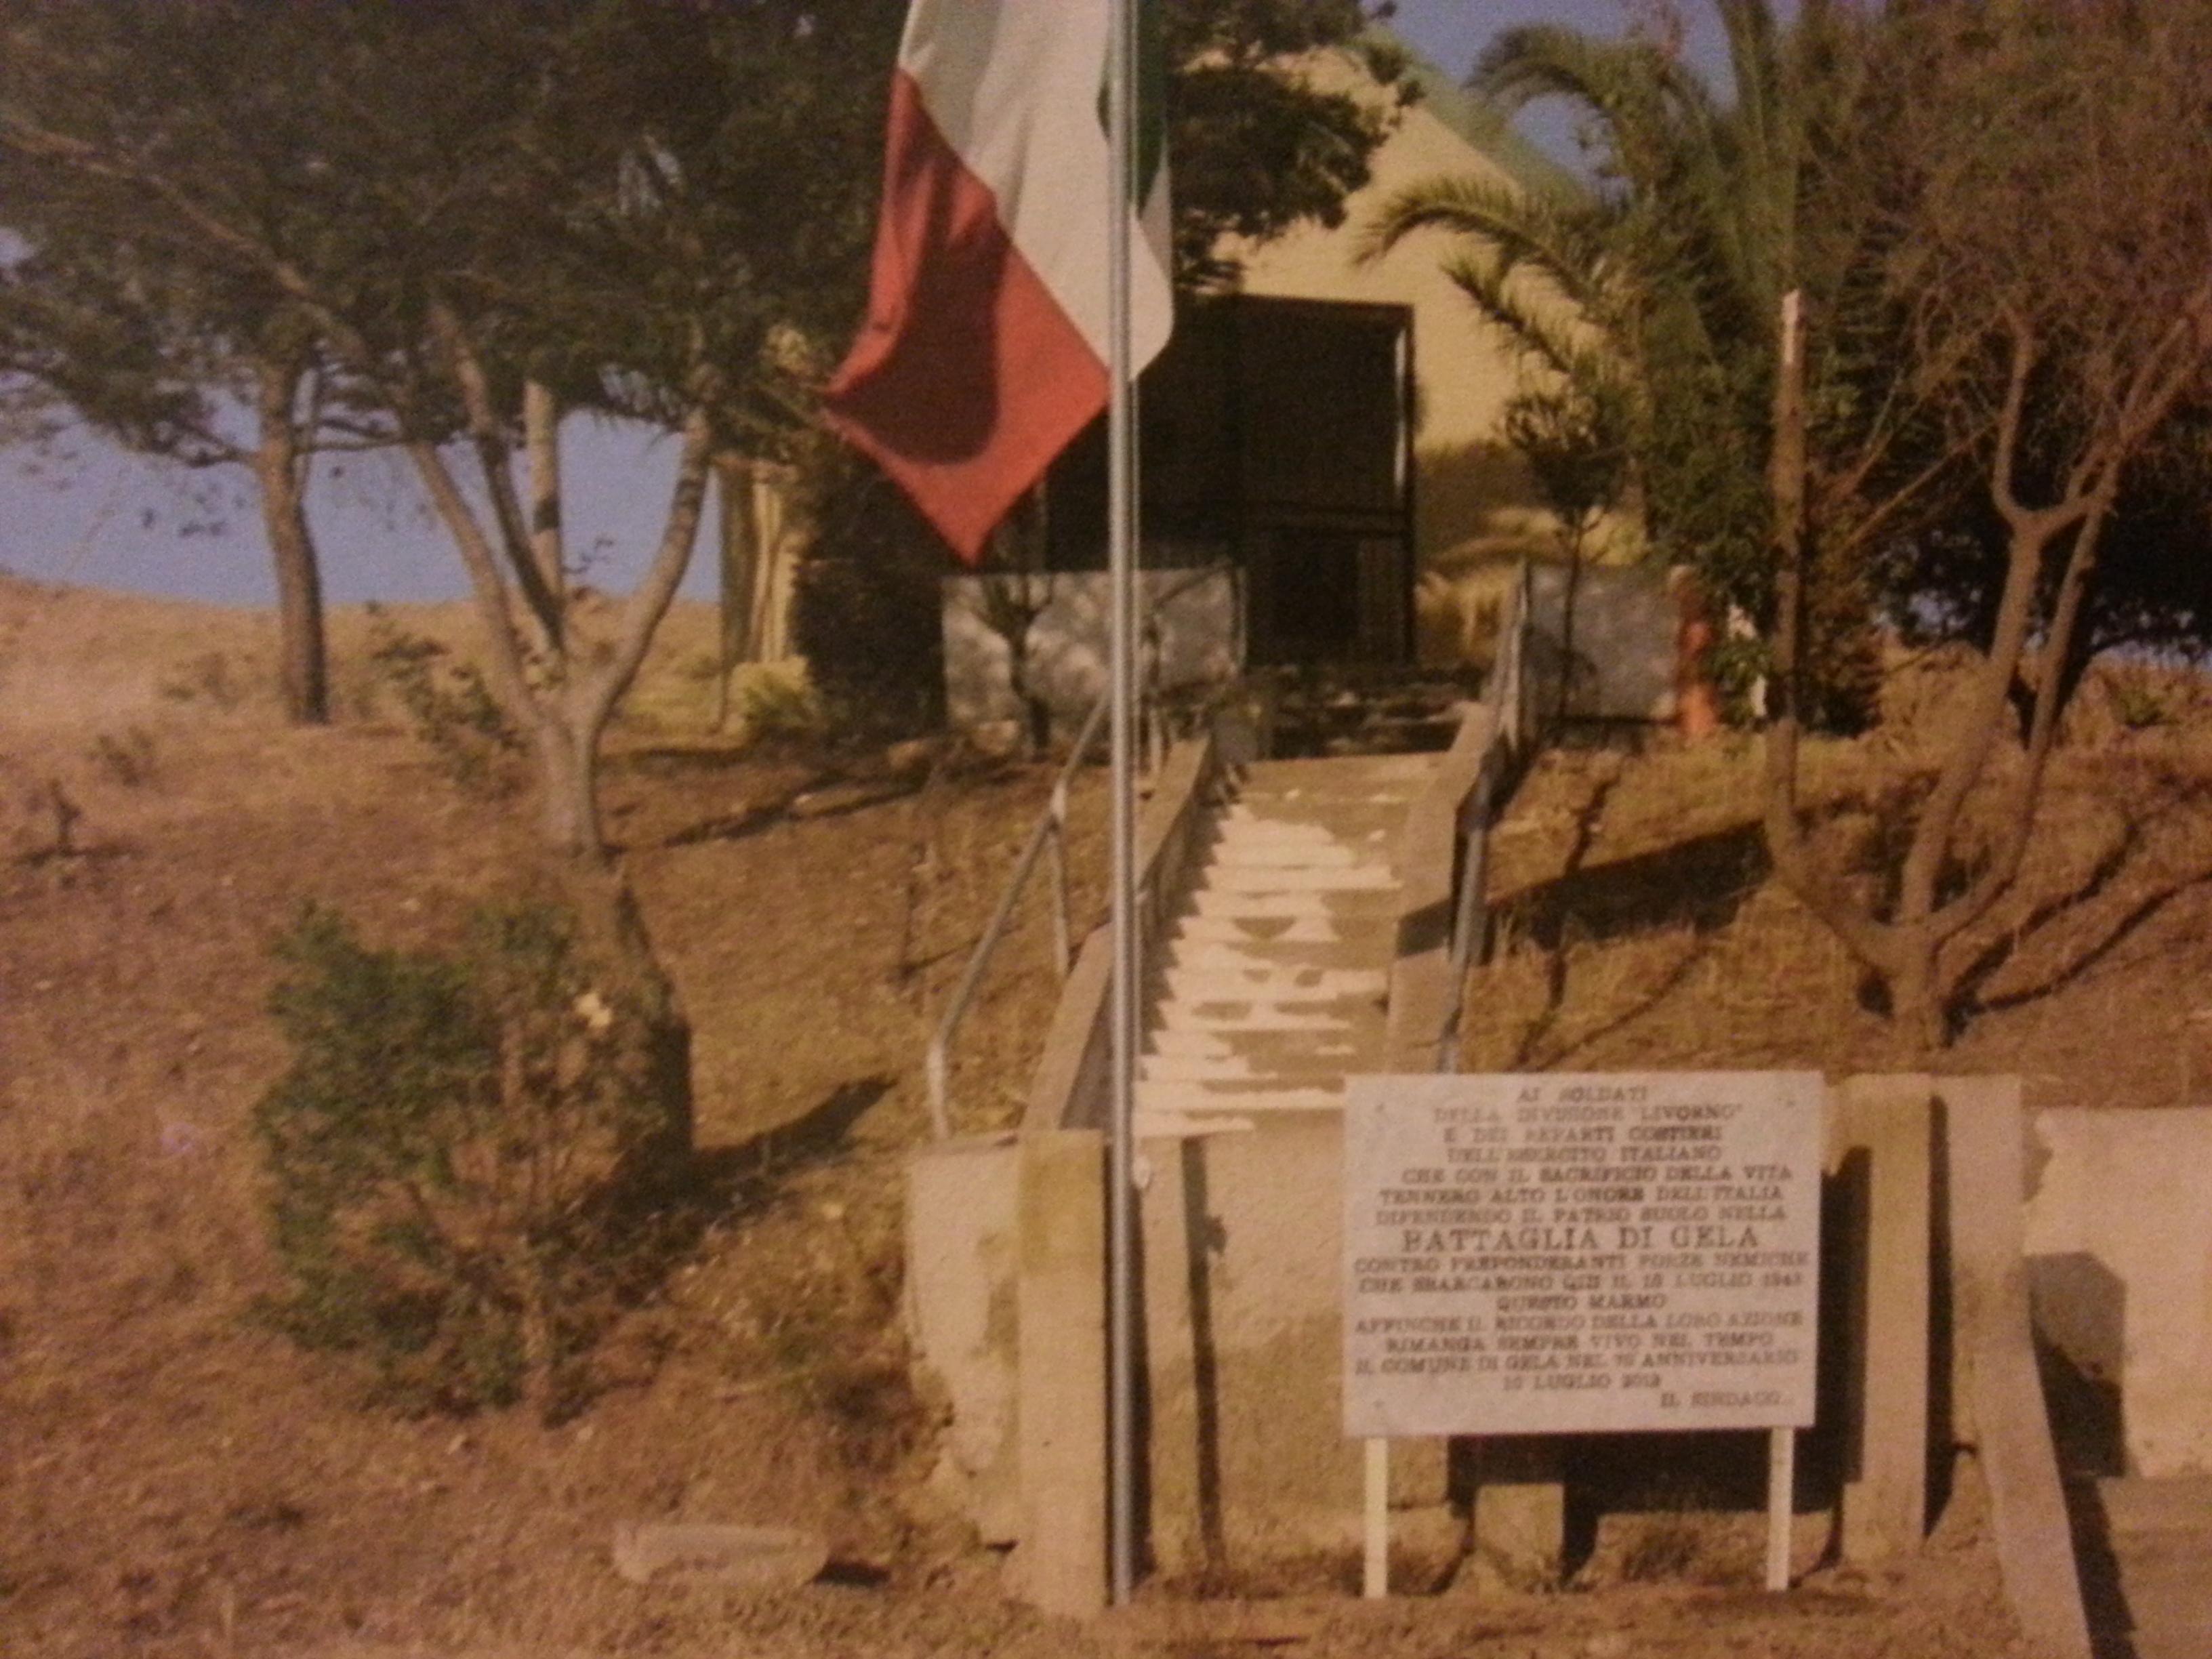 la lapide che commemora la battaglia di Gela sulla strada provinciale n.8 per Butera